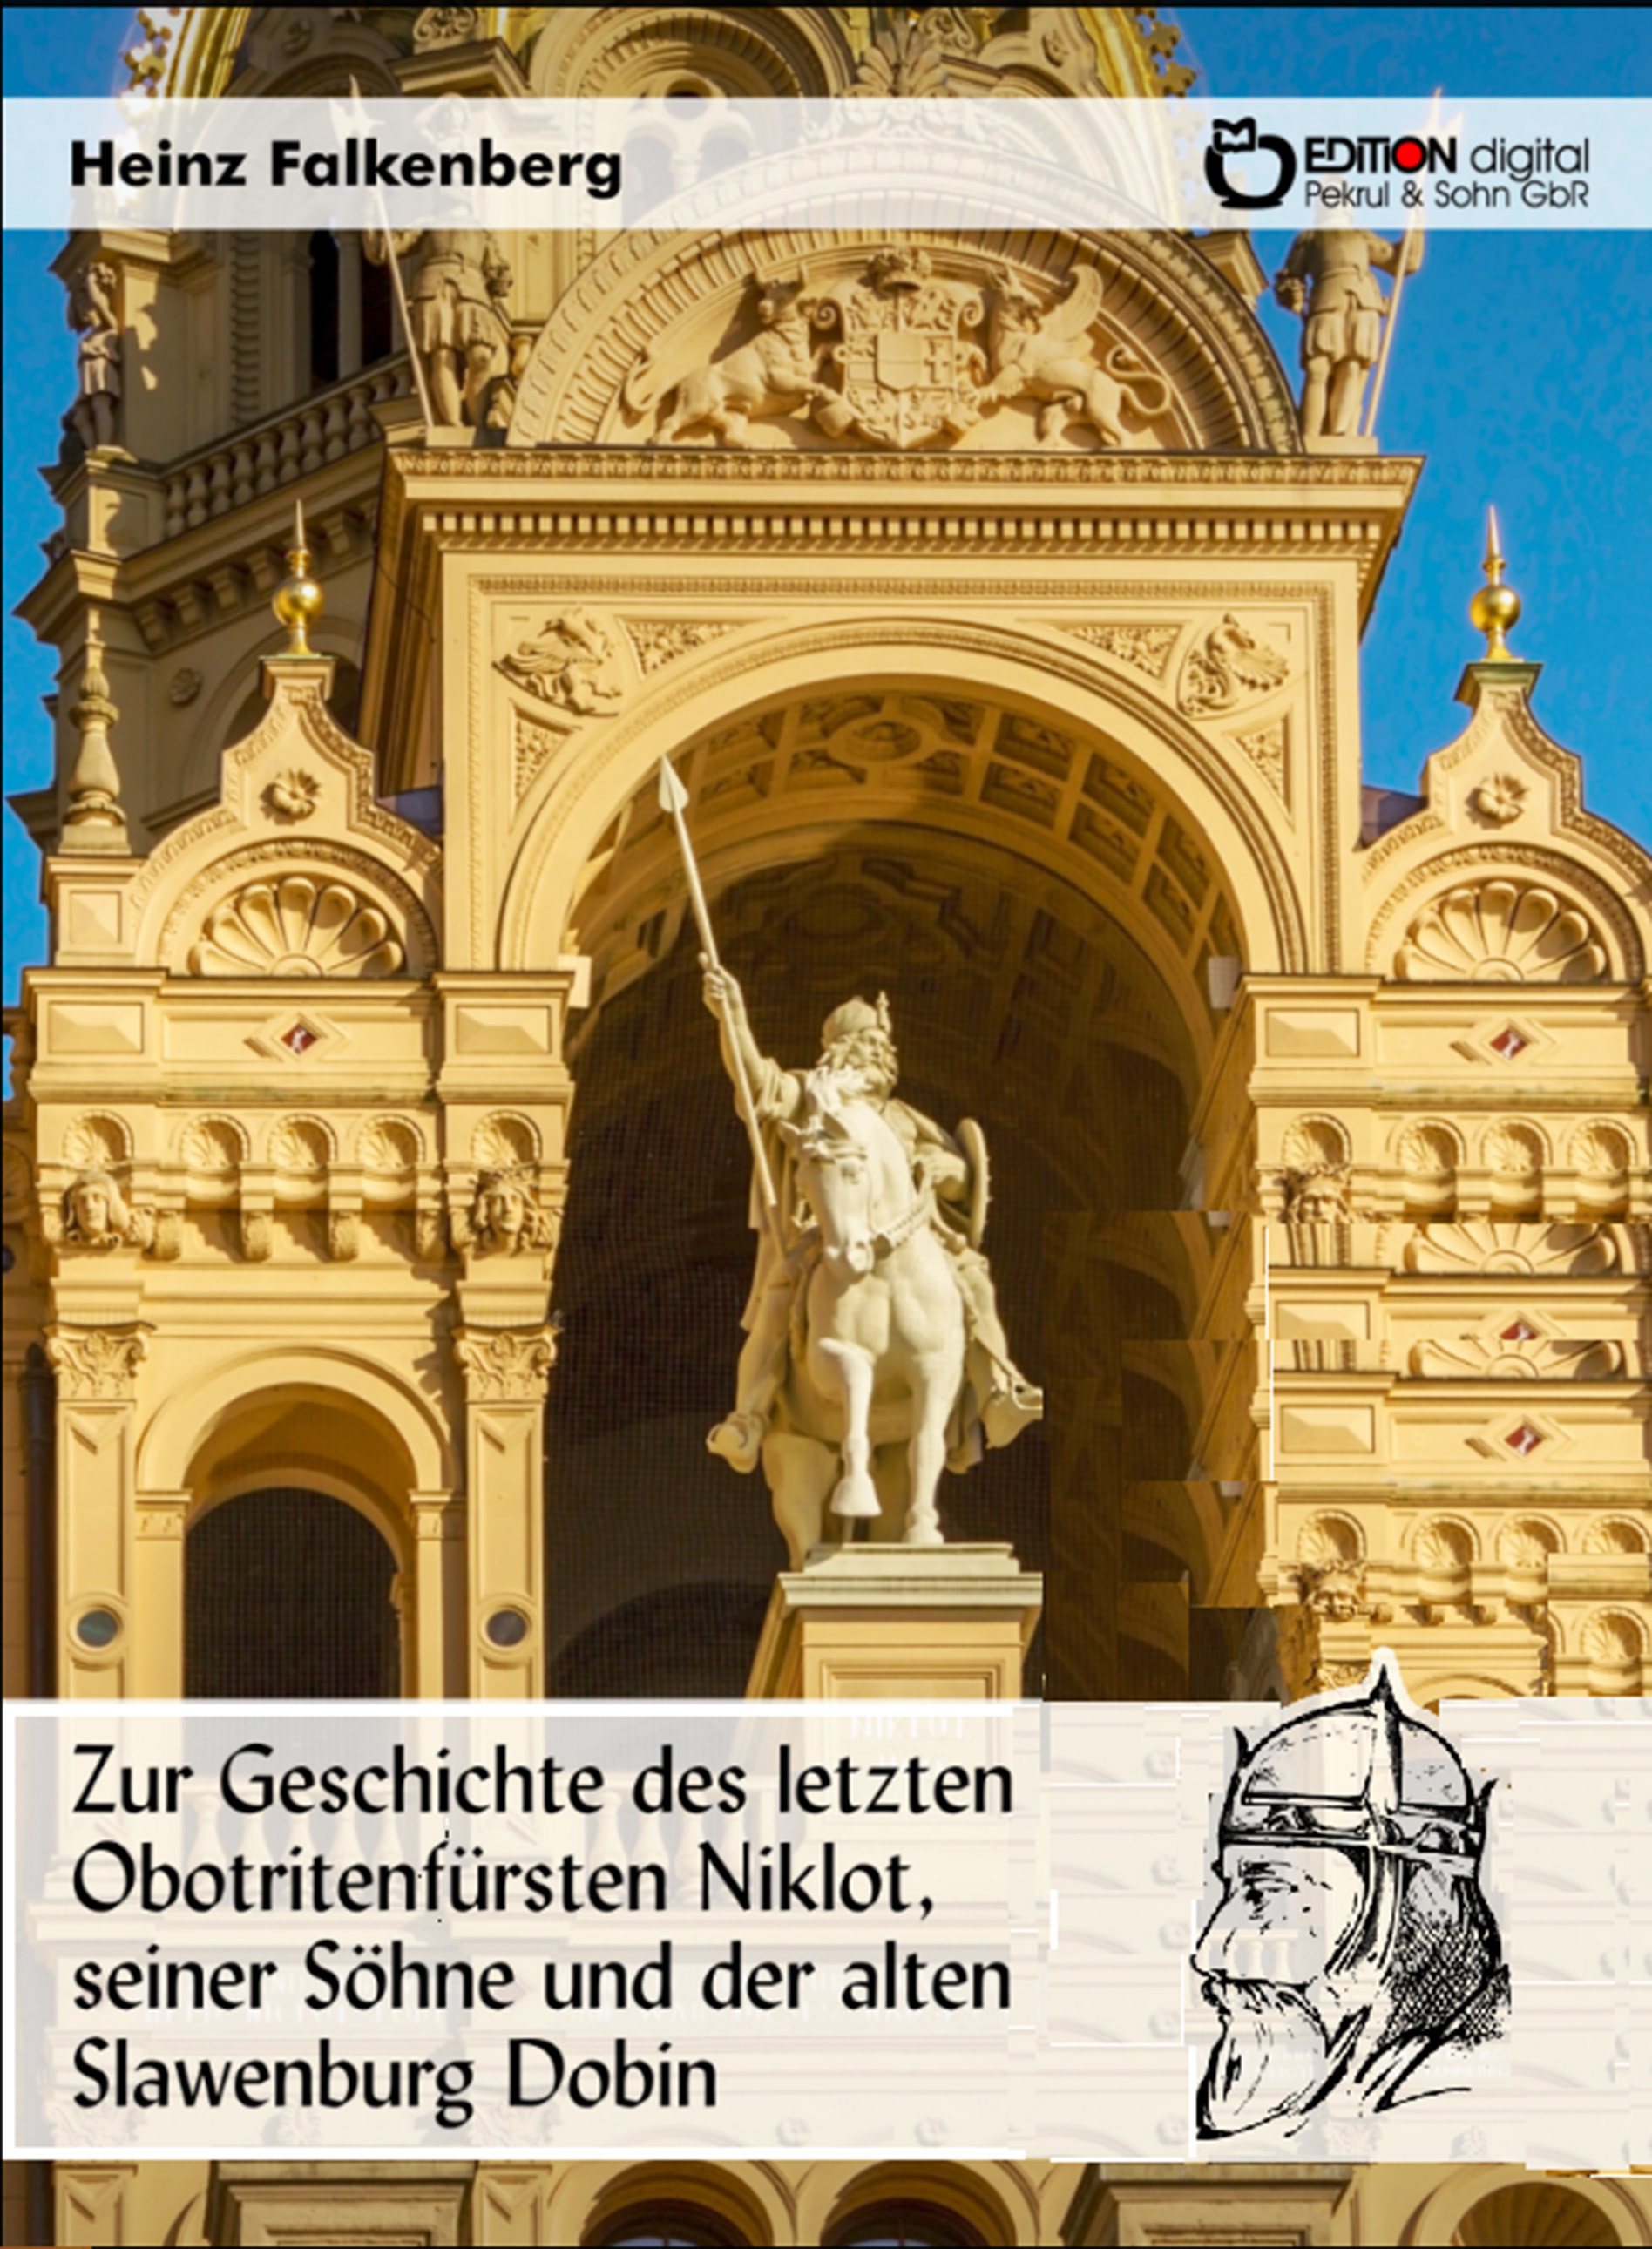 Zur Geschichte des letzten Obotritenfürsten Niklot, seiner Söhne und der alten Slawenburg Dobin von Heinz Falkenberg